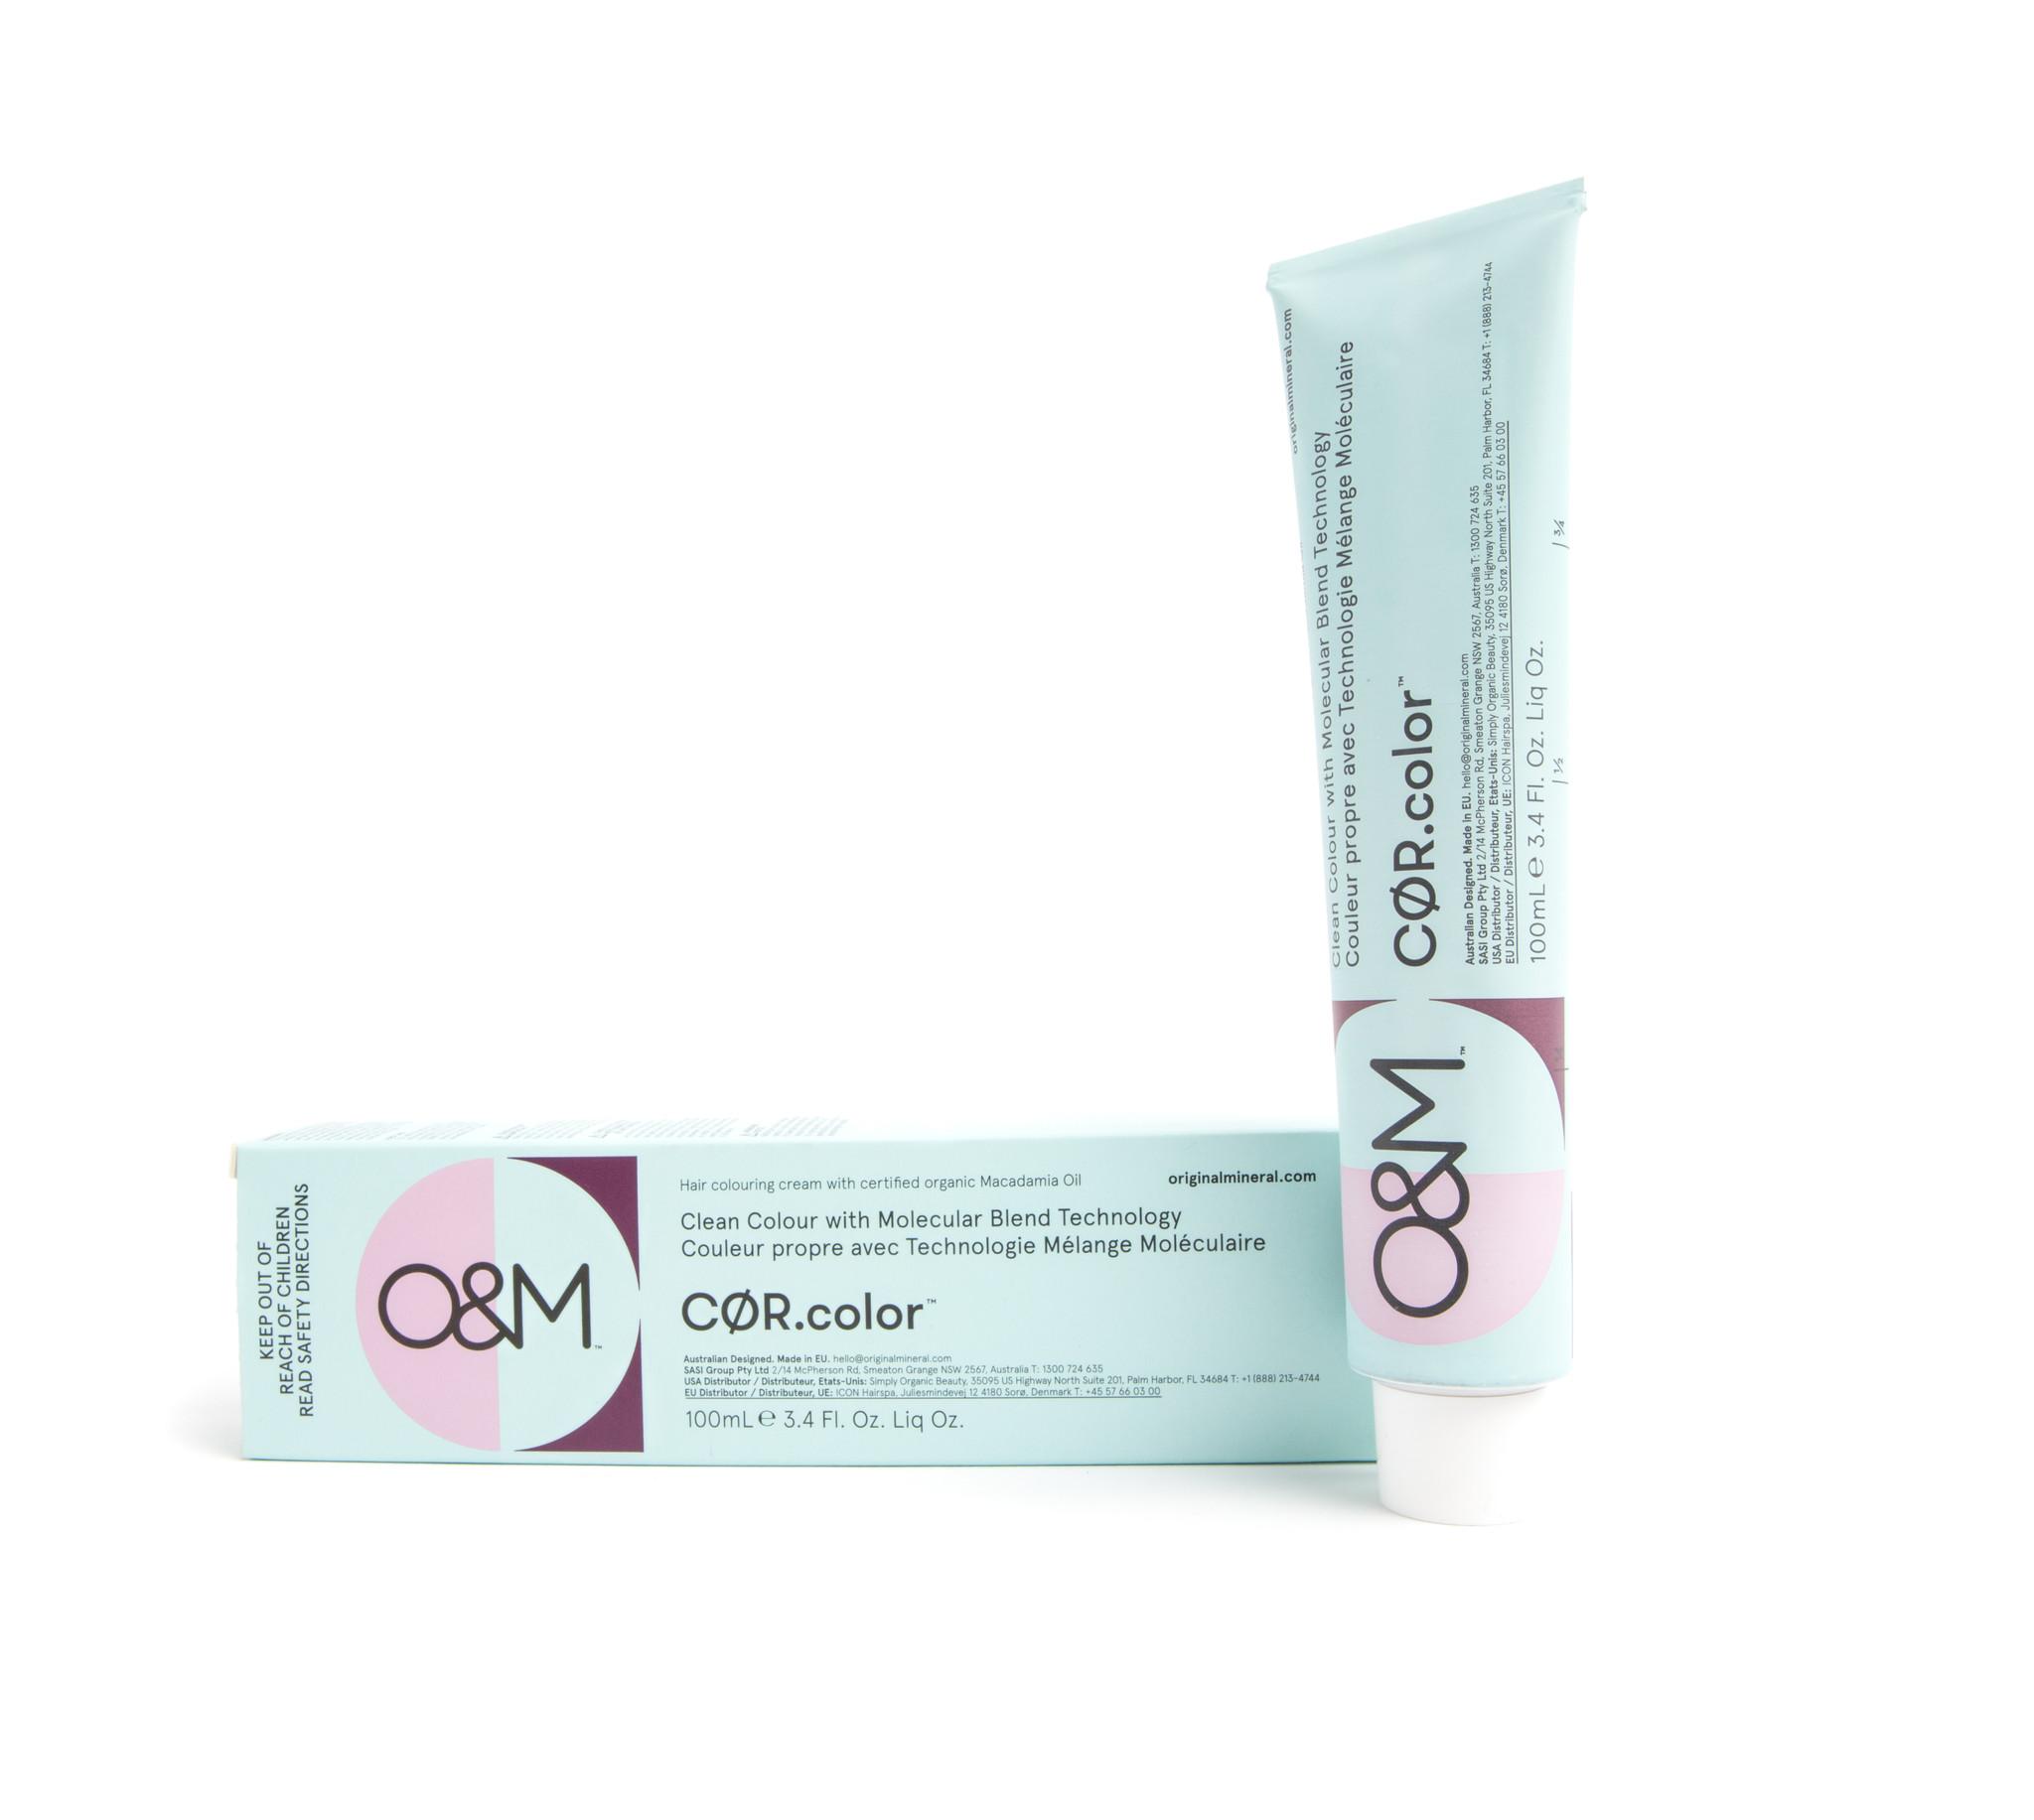 O&M - Original Mineral O&M CØR.color Lightest Ash Violet Blonde 10.16 100g